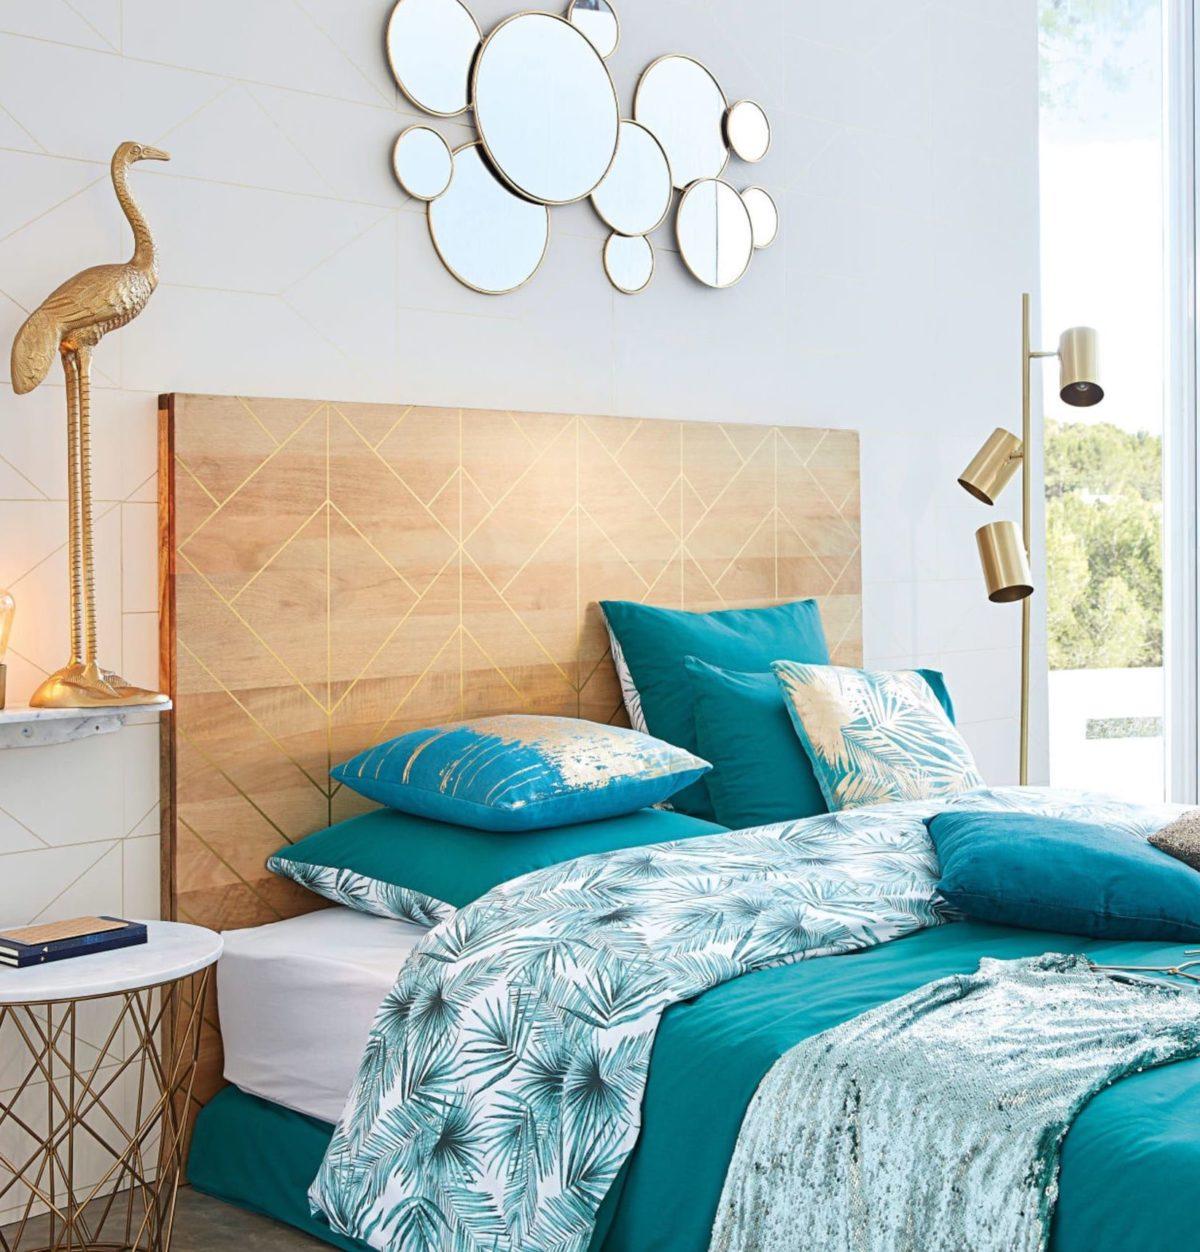 cadre bois naturelle finition géométrique doré déco chambre exotique turquoise